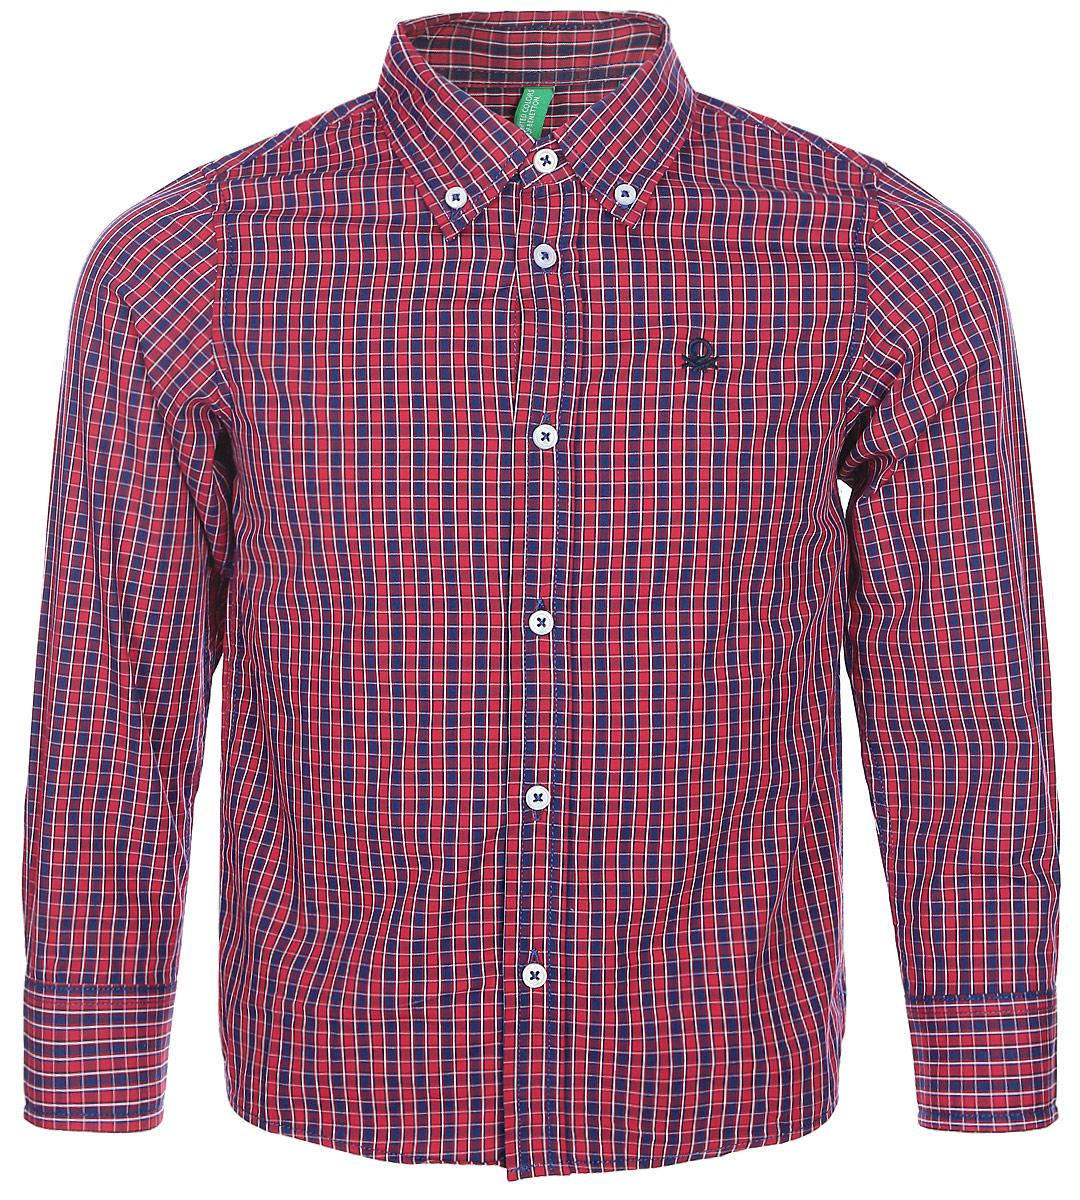 Рубашка для мальчика United Colors of Benetton, цвет: коричневый. 5DU65Q200_974. Размер 1305DU65Q200_974Рубашка для мальчика United Colors of Benetton выполнена из натурального хлопка. Модель с отложным воротником застегивается на пуговицы.